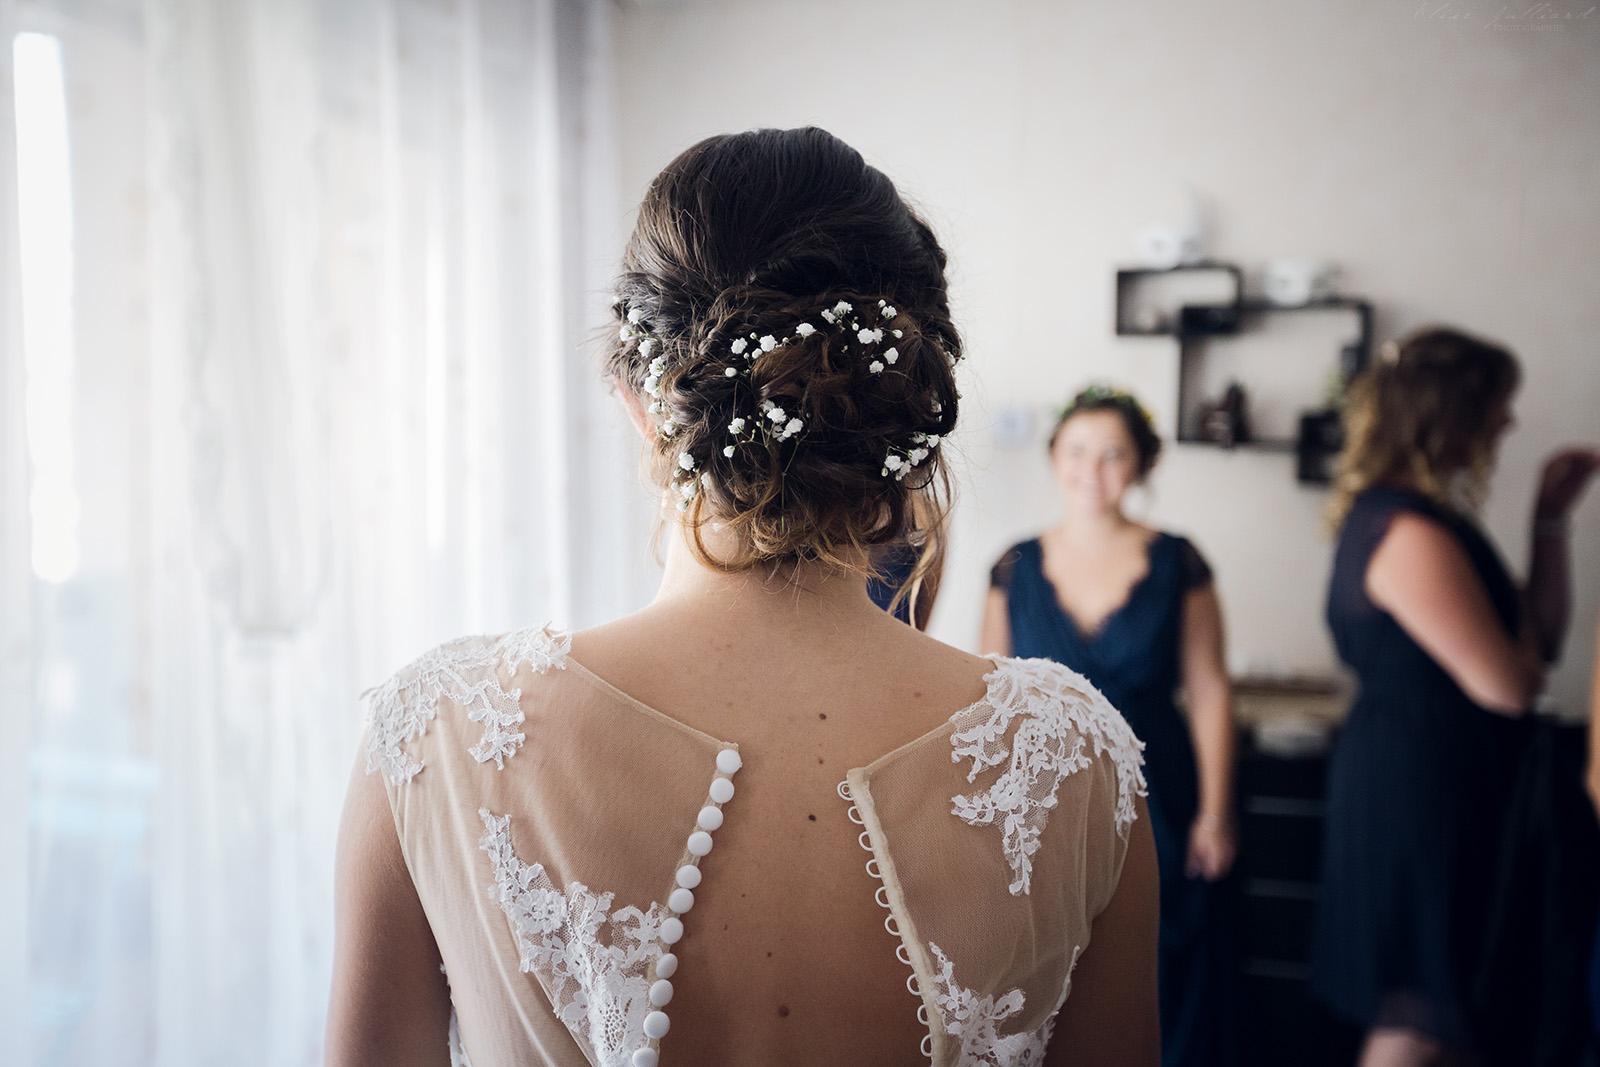 photographe-mariage-wedding-photographer-lyon-auvergne-rhone-alpes-ain-beaujolais-domaine-du-passeloup-couple-amour-love-reportage-elise-julliard-chateau-de-cibeins-37